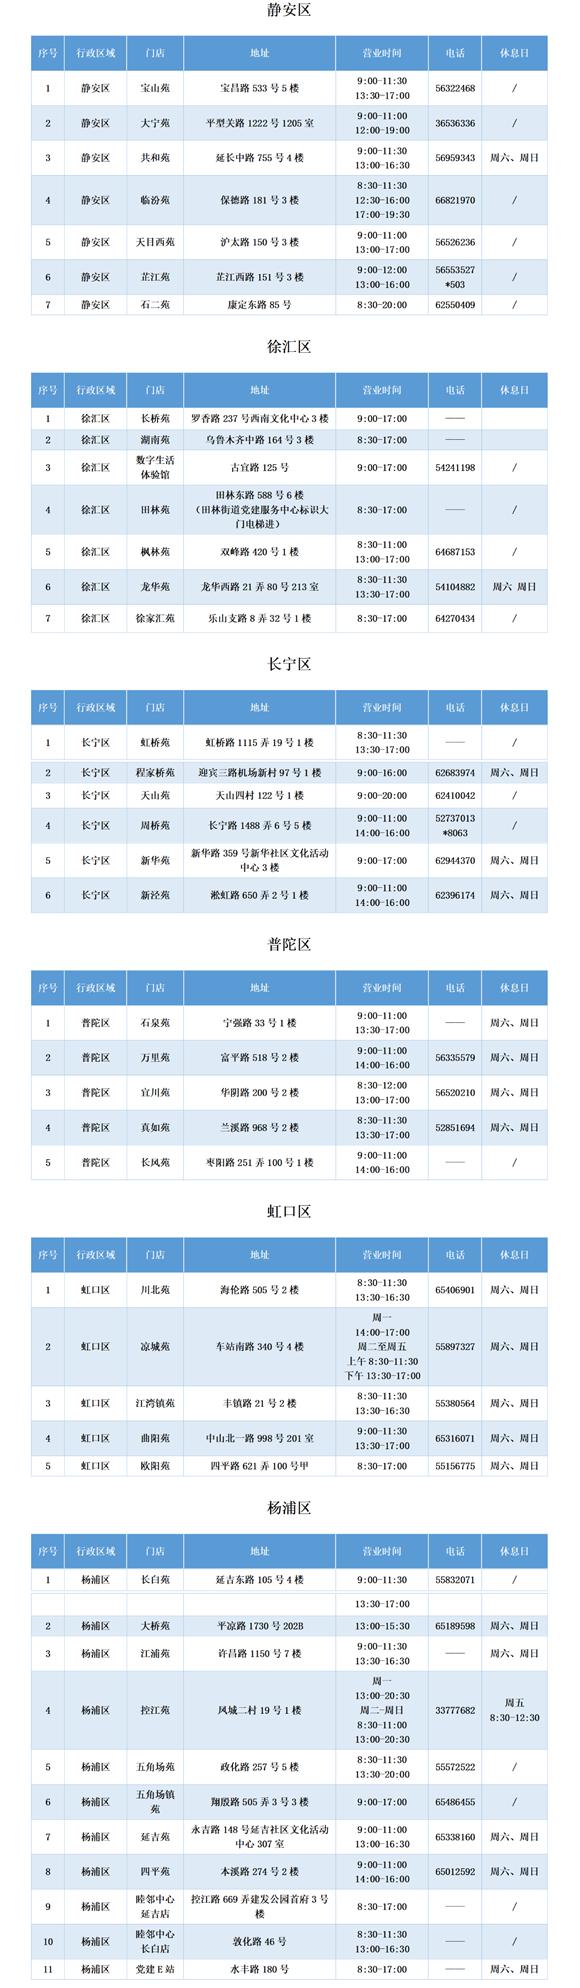 上海市适龄幼儿入园政策发布 4月23日起开始网上信息登记